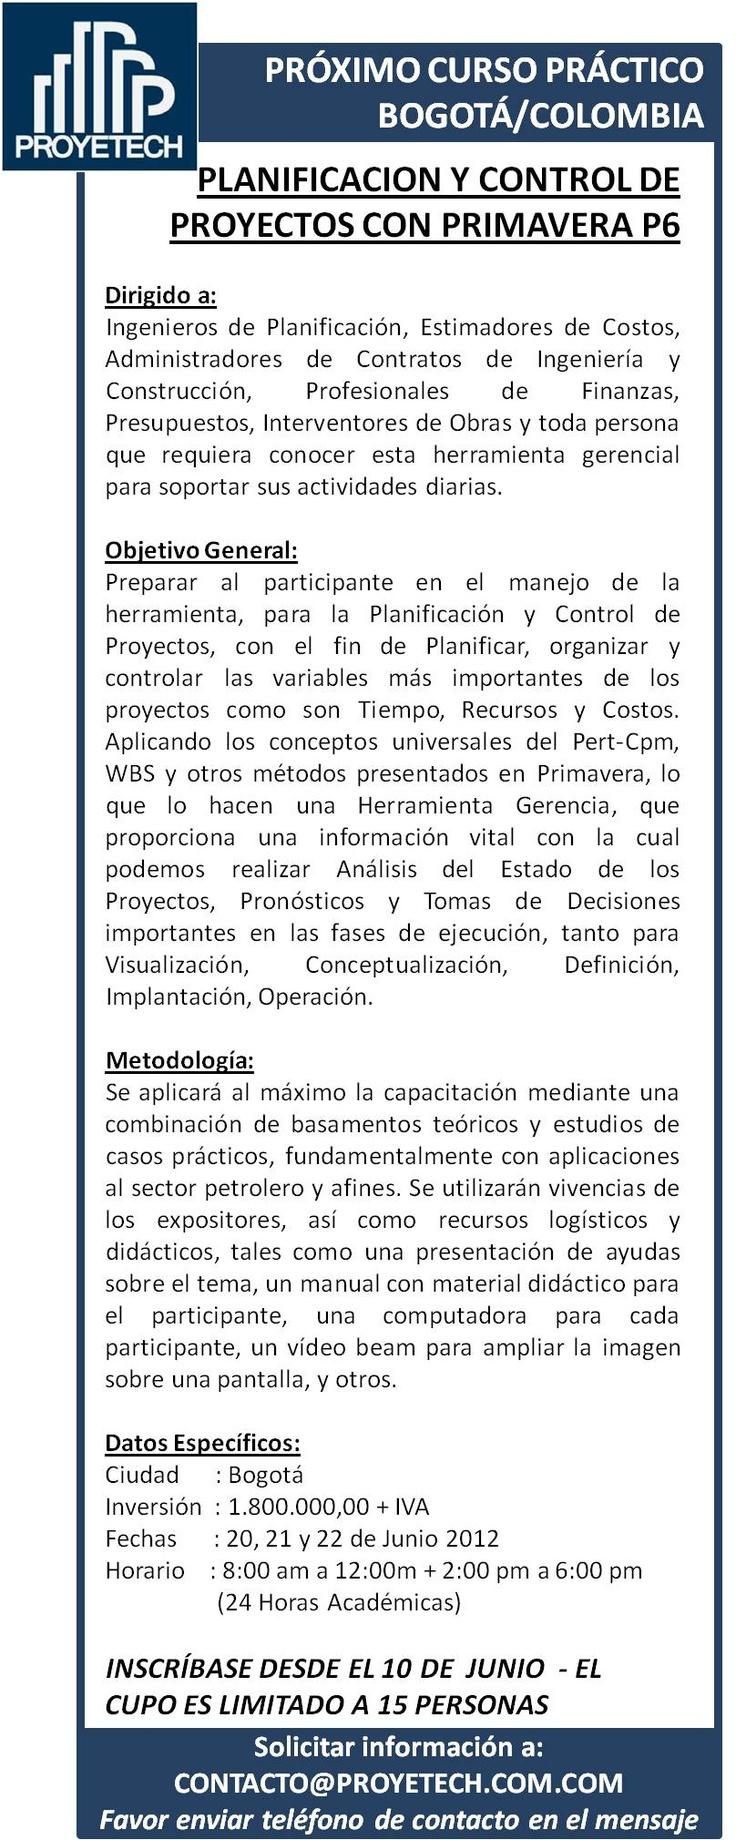 #BOGOTA #COLOMBIA CURSO DE PLANIFICACION Y CONTROL DE #PROYECTOS CON PRIMAVERA P6 BASICO